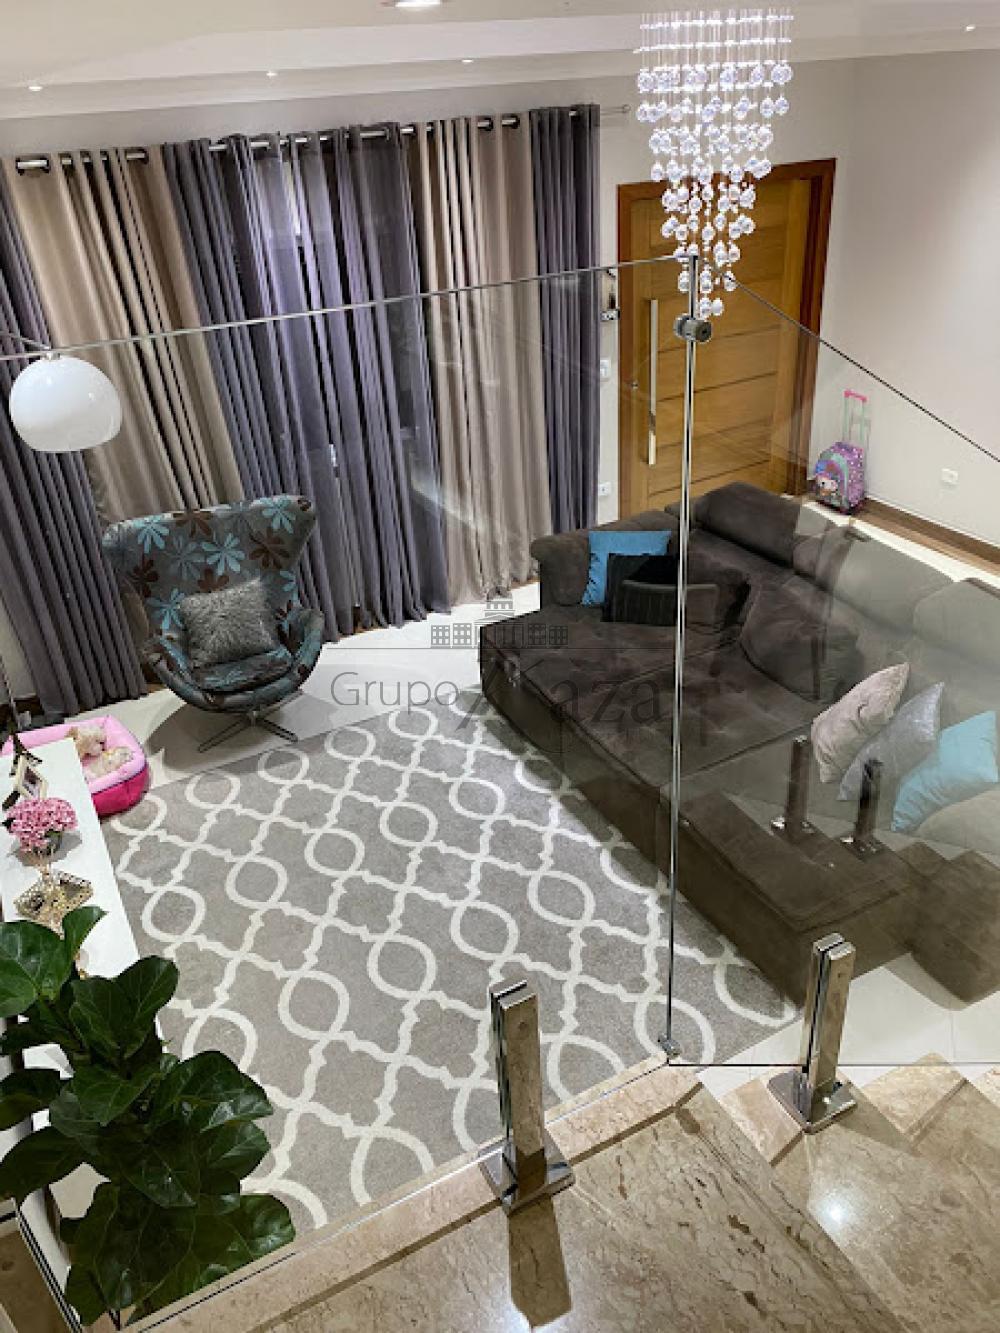 alt='Comprar Casa / Sobrado em São José dos Campos R$ 750.000,00 - Foto 7' title='Comprar Casa / Sobrado em São José dos Campos R$ 750.000,00 - Foto 7'